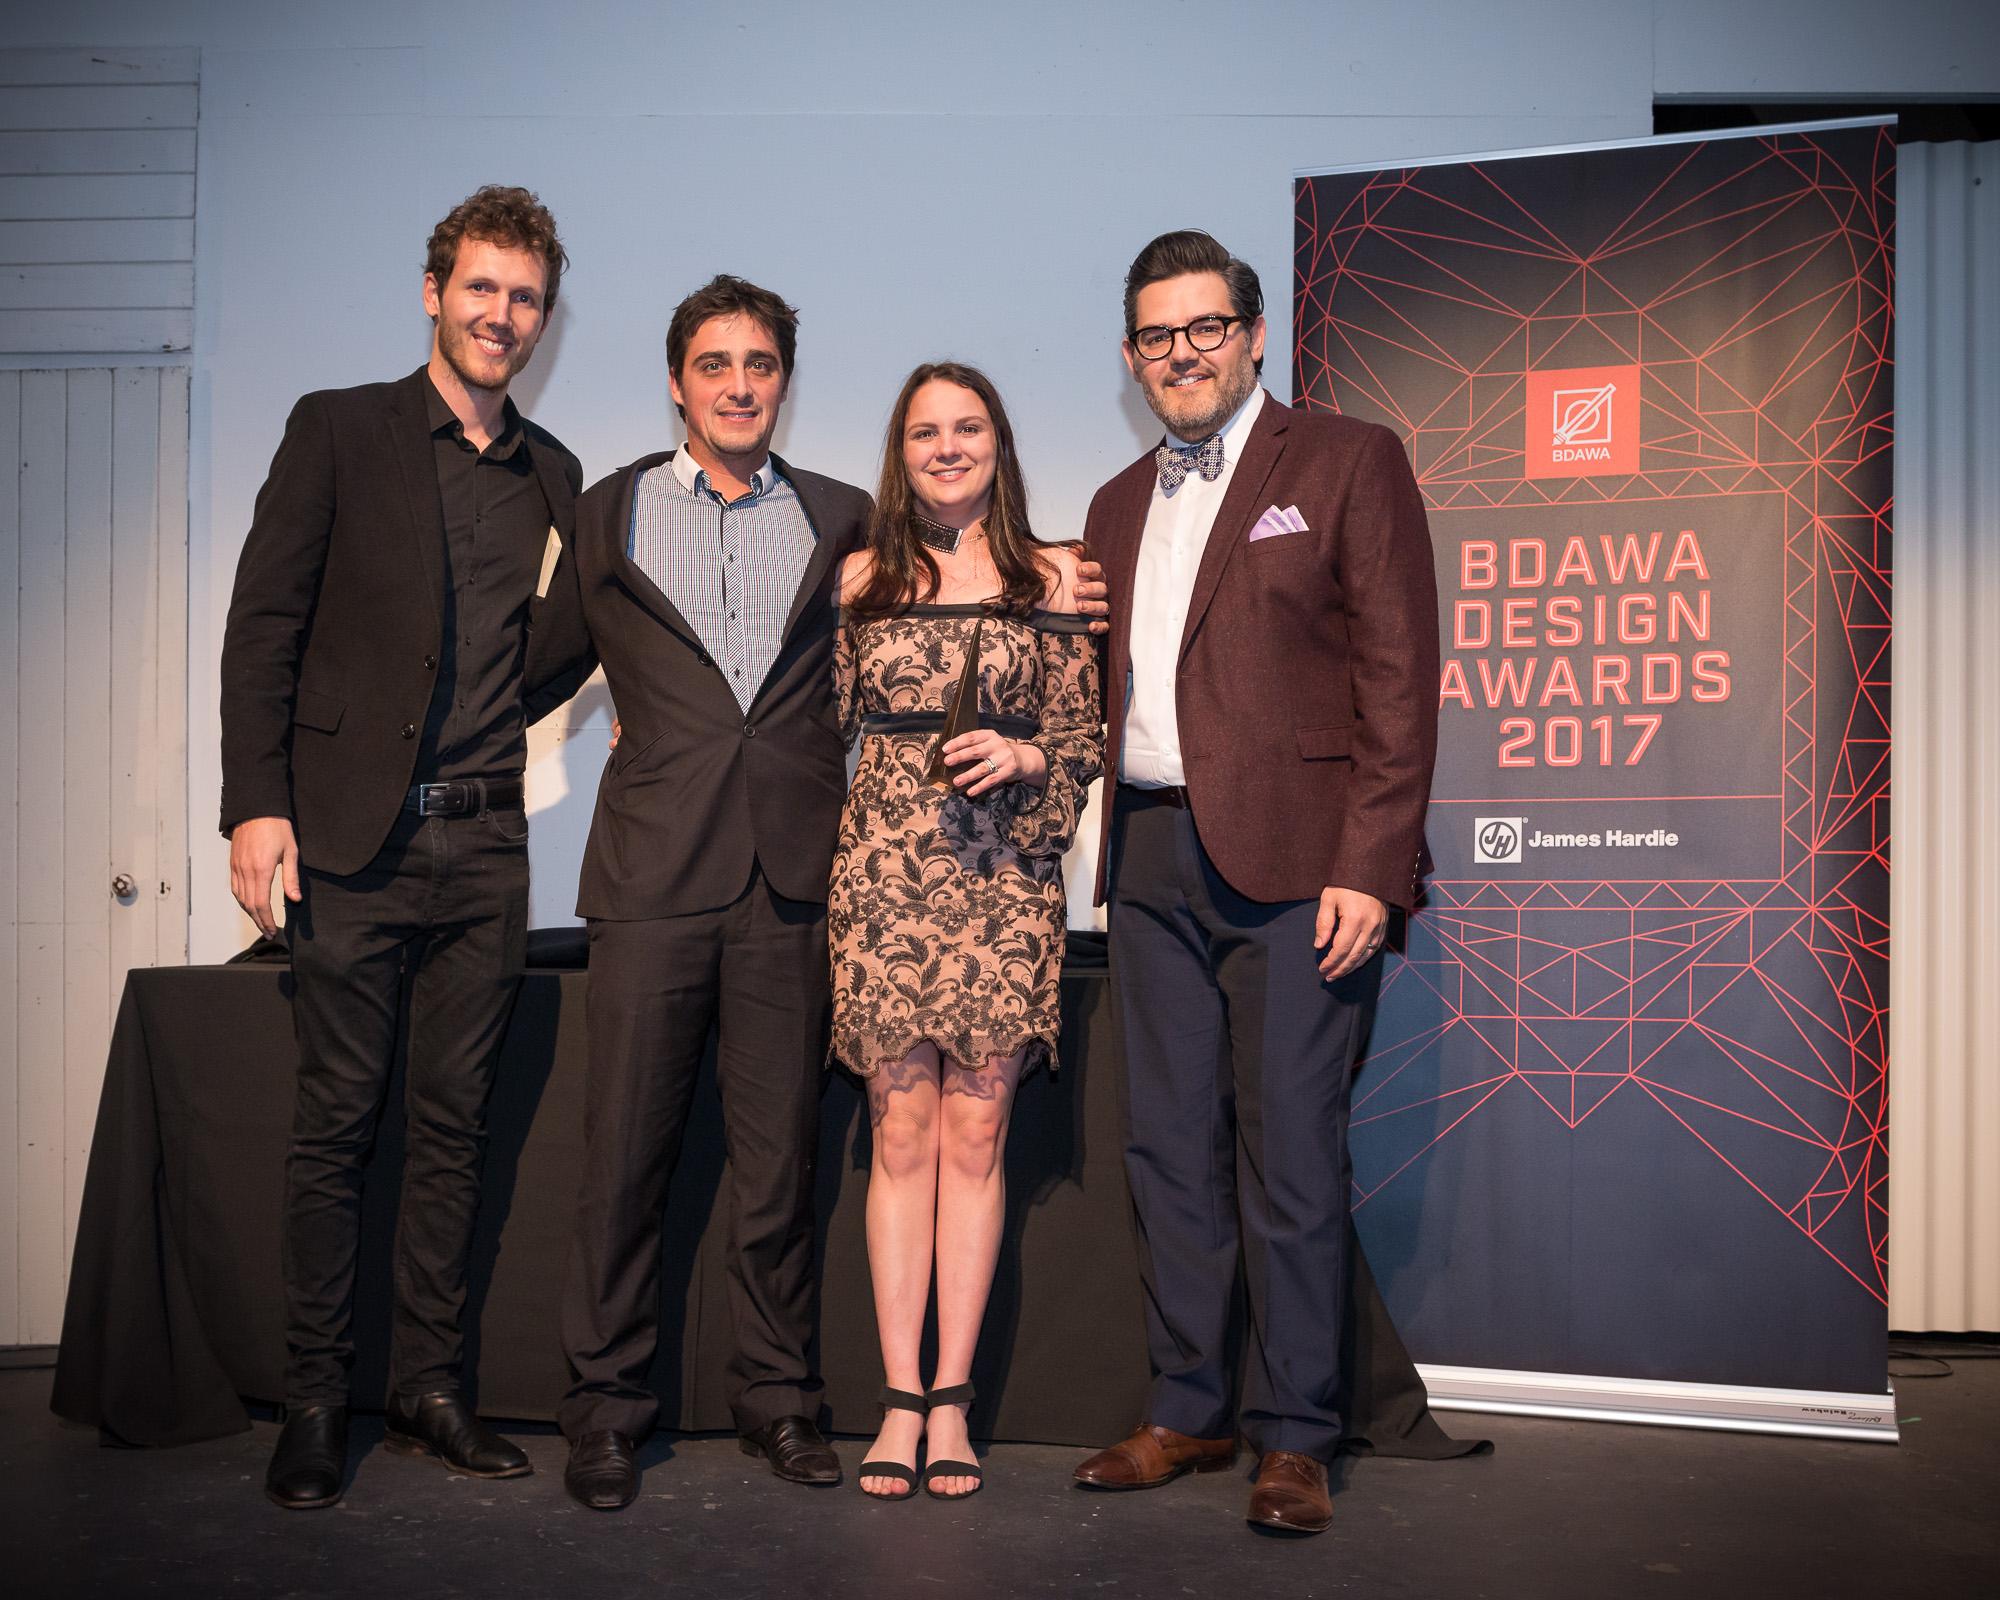 0203 BDA WA Awards 2017 _JHG7518.jpg